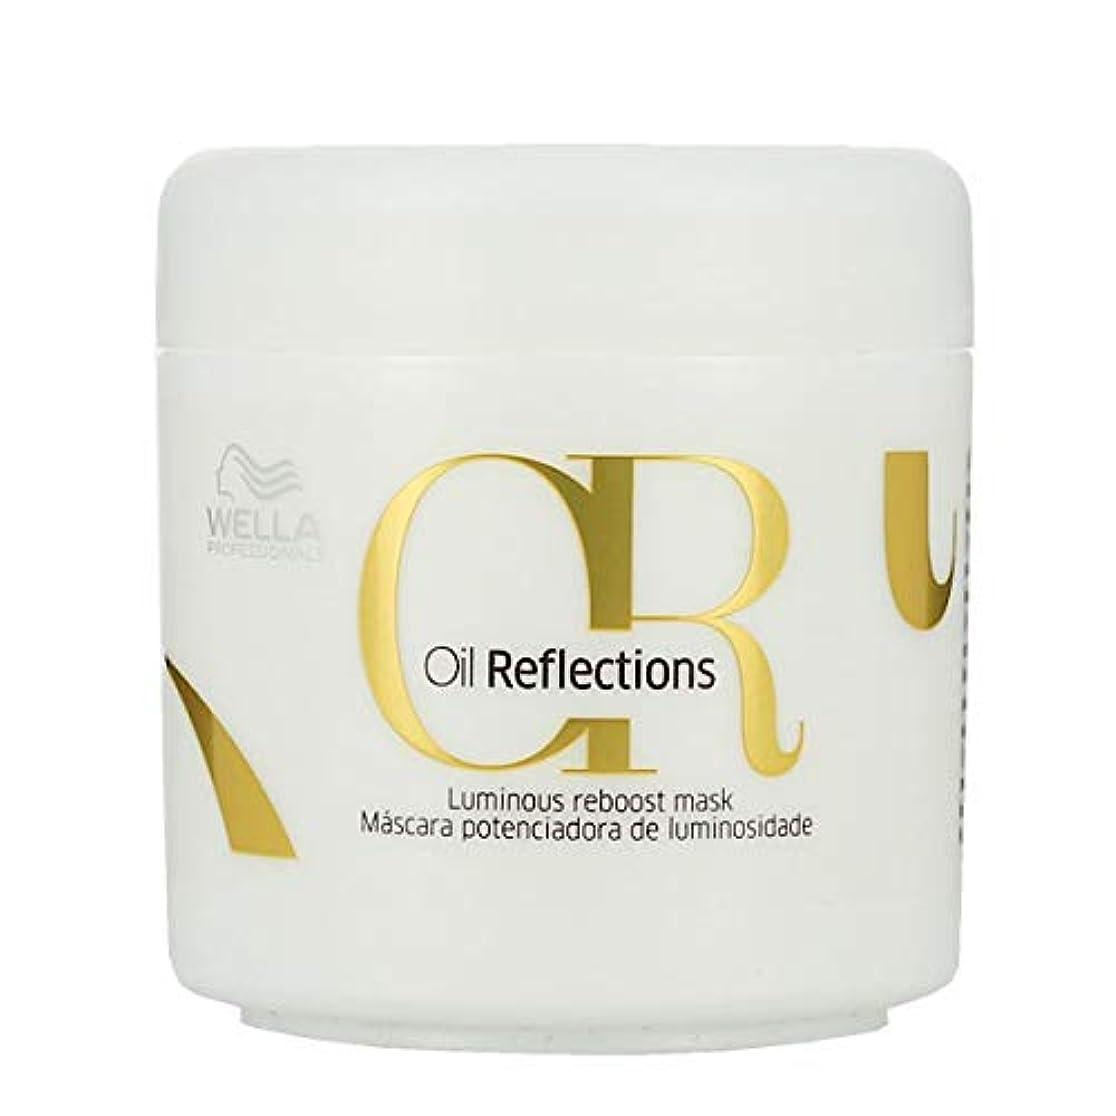 検出するレギュラーリスナーWella Professionals Oil Reflections Luminous Reboost Mask ウエラ オイルリフレクション マスク 150 ml [並行輸入品]